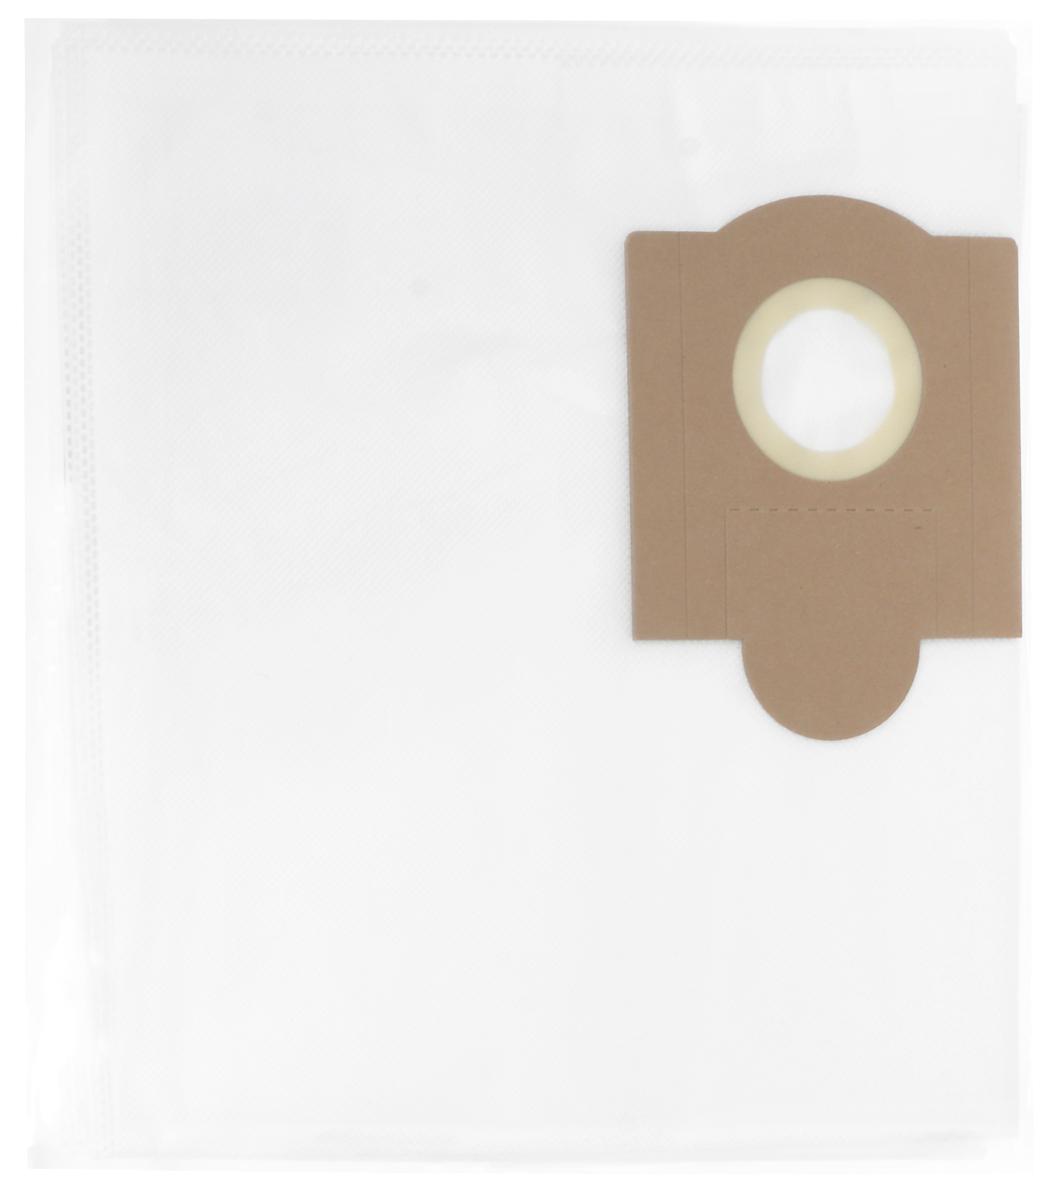 Filtero KRS 30 Pro комплект пылесборников для промышленных пылесосов, 5 штKRS 30 (5) ProМешки для промышленных пылесосов Filtero KRS 30 Pro, трехслойные, произведены из синтетического микроволокна MicroFib. Прочность синтетических мешков Filtero KRS 30 Pro превосходит любые бумажные мешки-аналоги, даже если это оригинальные бумажные мешки всемирно известных марок. Вы можете быть уверены: заклепки, гвозди, шурупы, битое стекло, острые камни и прочее не смогут прорвать мешки Filtero Pro. Мешки Filtero Pro не боятся влаги, и даже вода, попавшая в мешок, не помешает вам произвести качественную уборку! Мешки Filtero Pro предназначены для уборки пыли класса М.Подходят для следующих моделей пылесосов:BORT:BSS 1230HITACHI:WDE 3600KRESS:1200 NTX EA NTS 1100